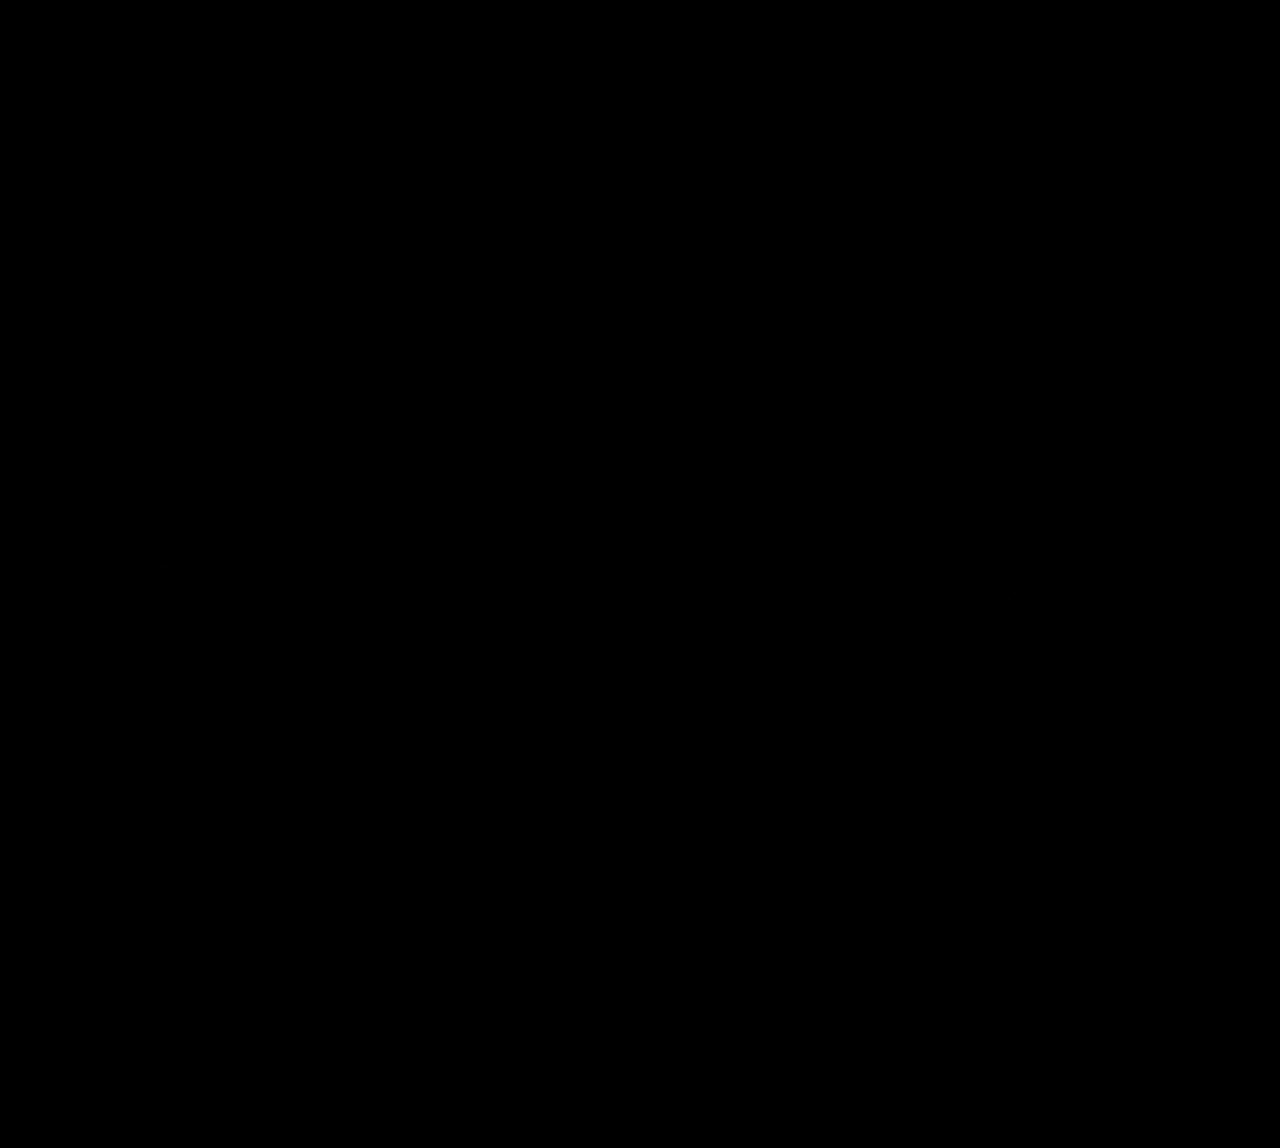 תמונה בשחור לבן